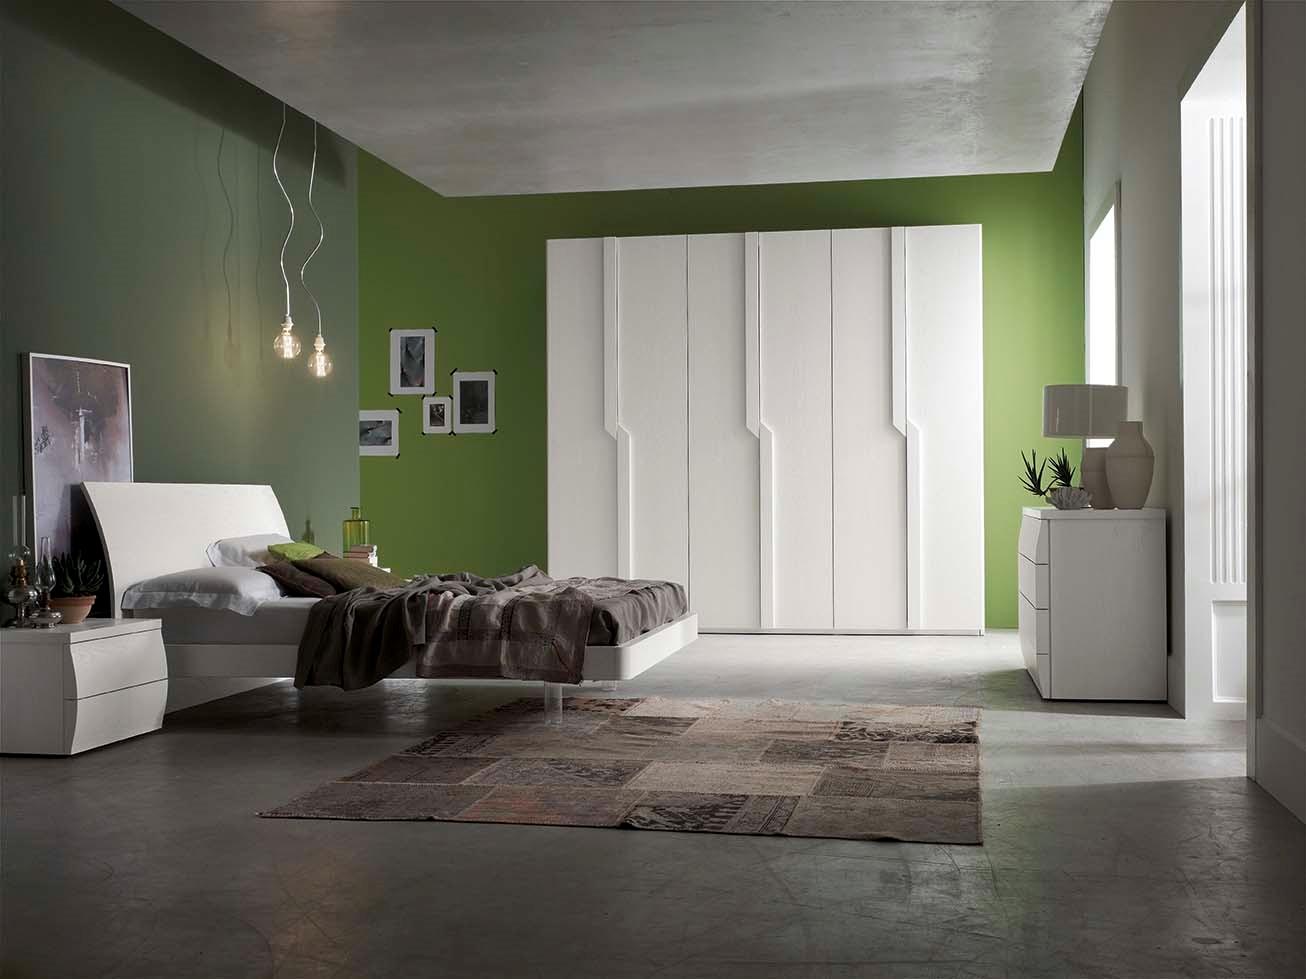 Camera da letto santalucia projecta 08 arredamenti lupo for Lucia arredamenti triggiano